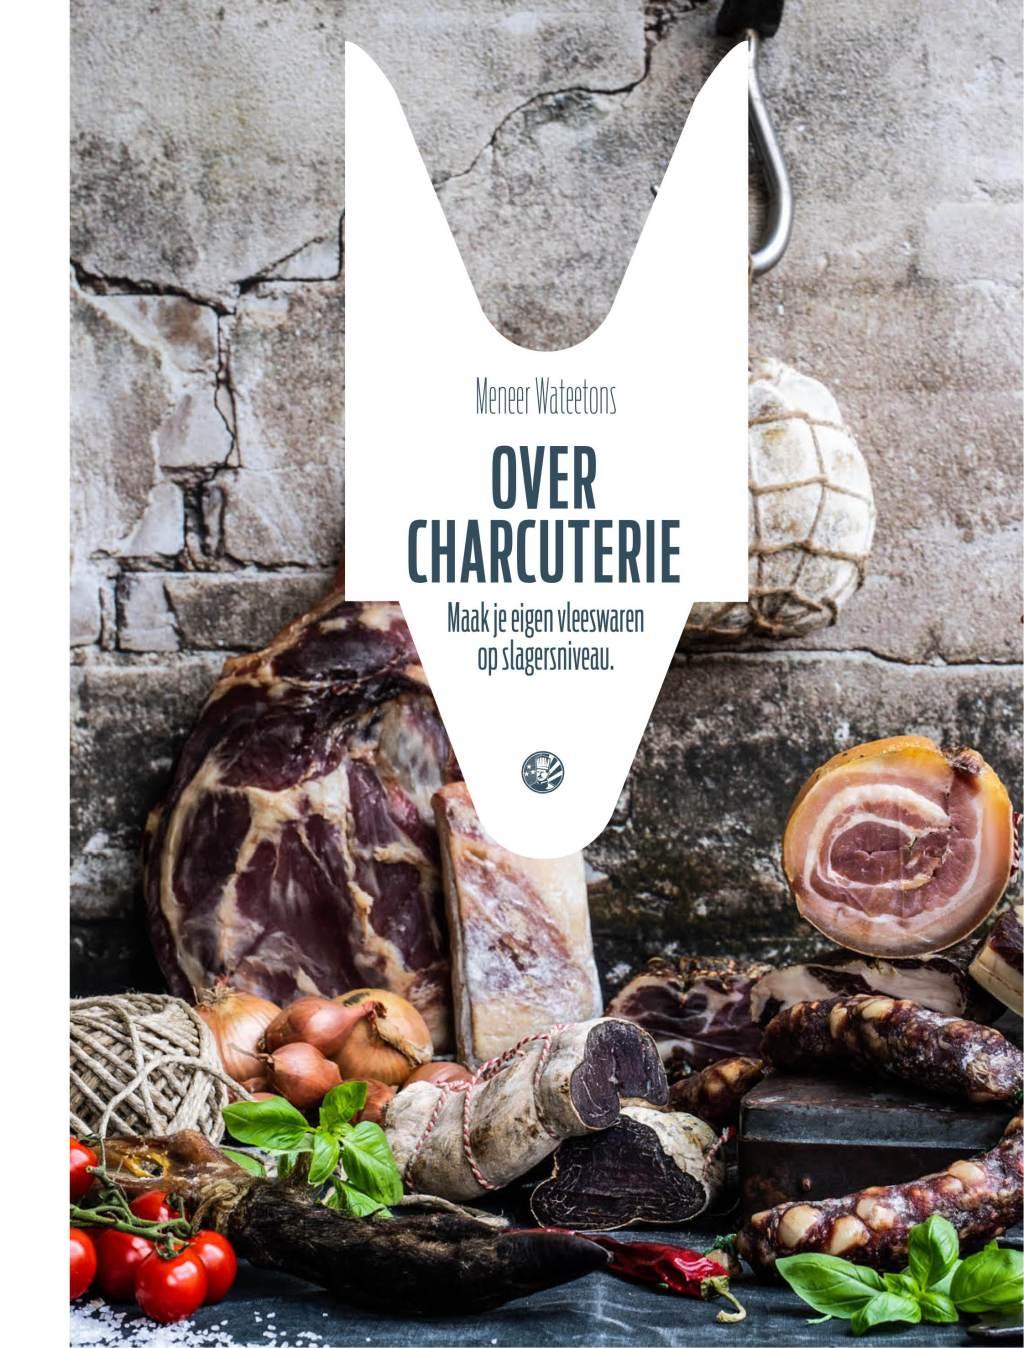 Meneer Wateetons nieuwste boek: OVER CHARCUTERIE – maak je eigen vleeswaren op slagersniveau